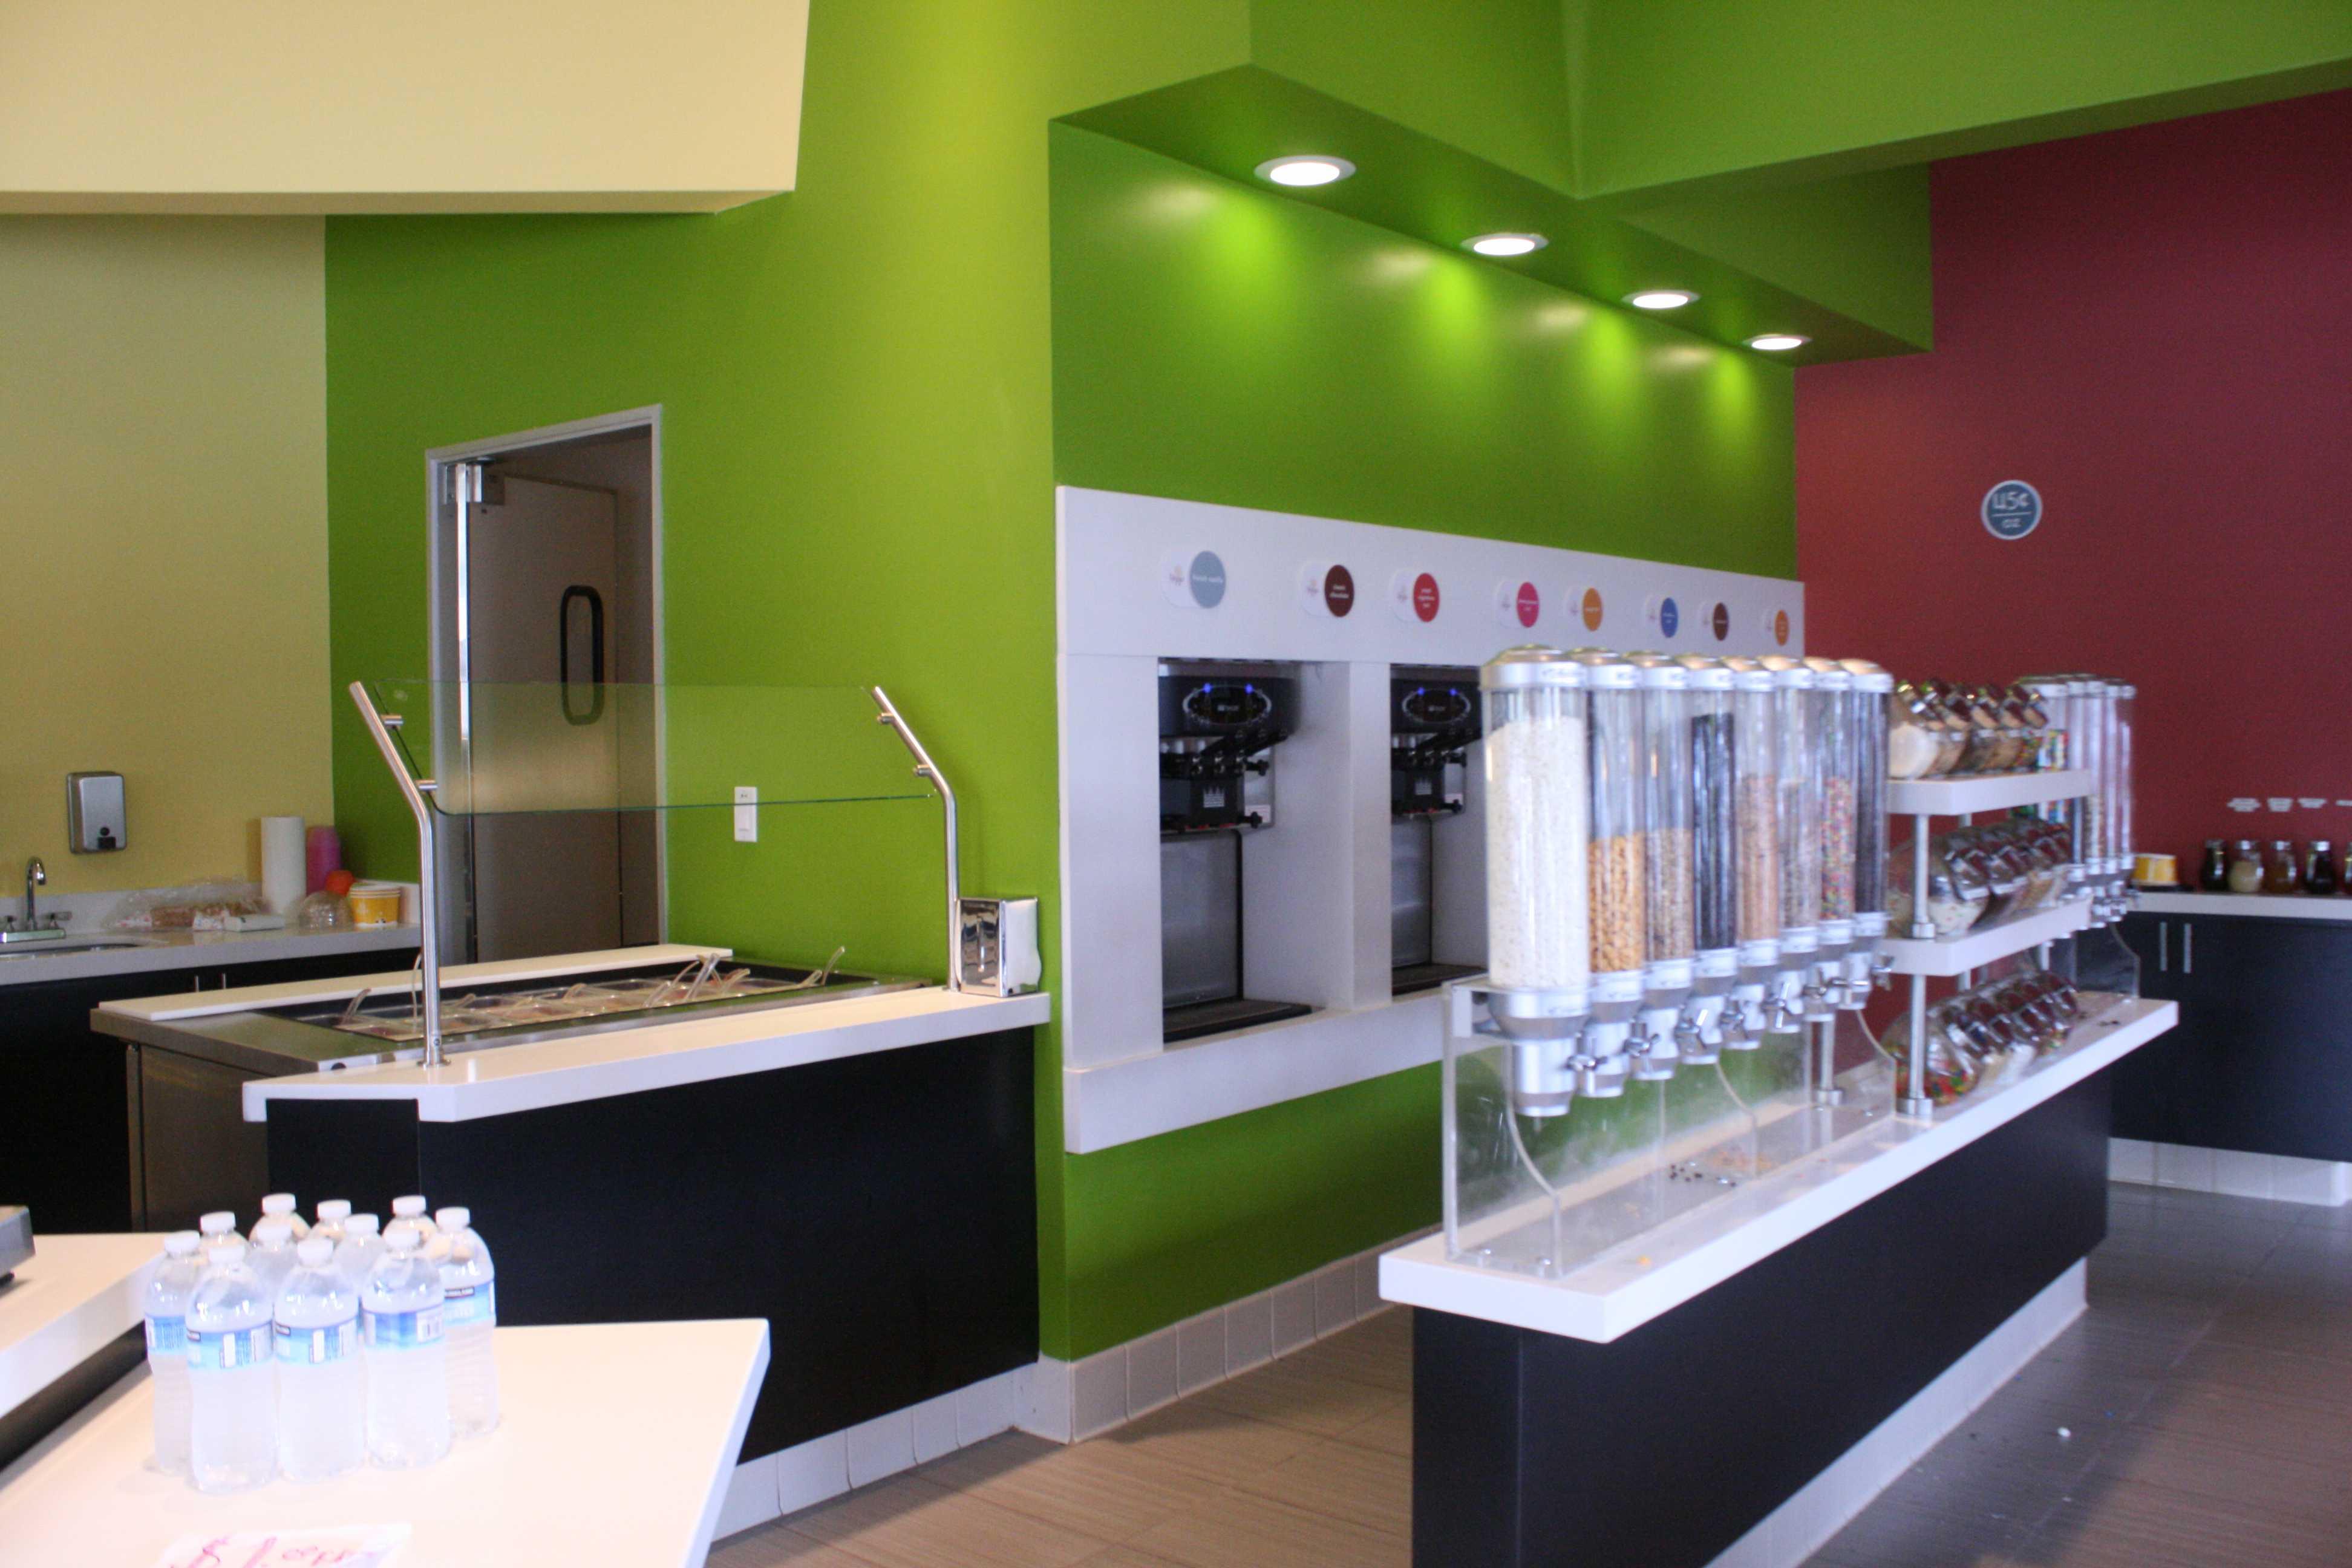 The inside of the newly establish Yoppi Yogurt